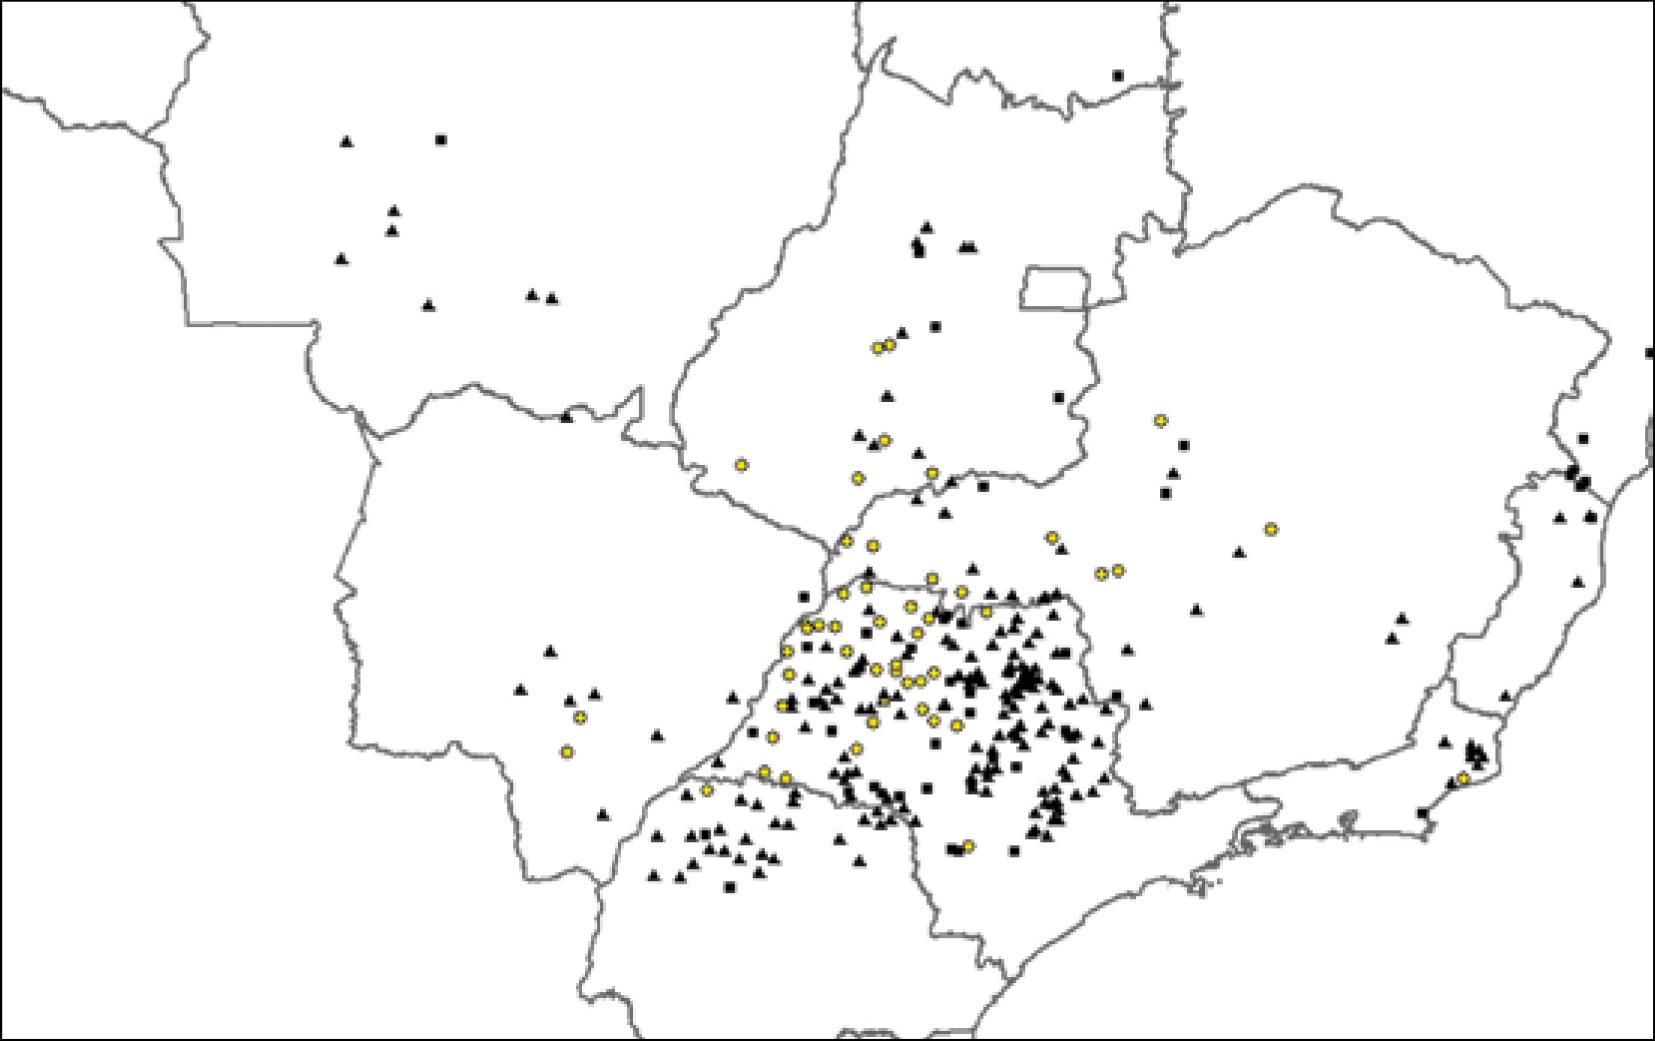 Localização das novas usinas previstas (em amarelo)